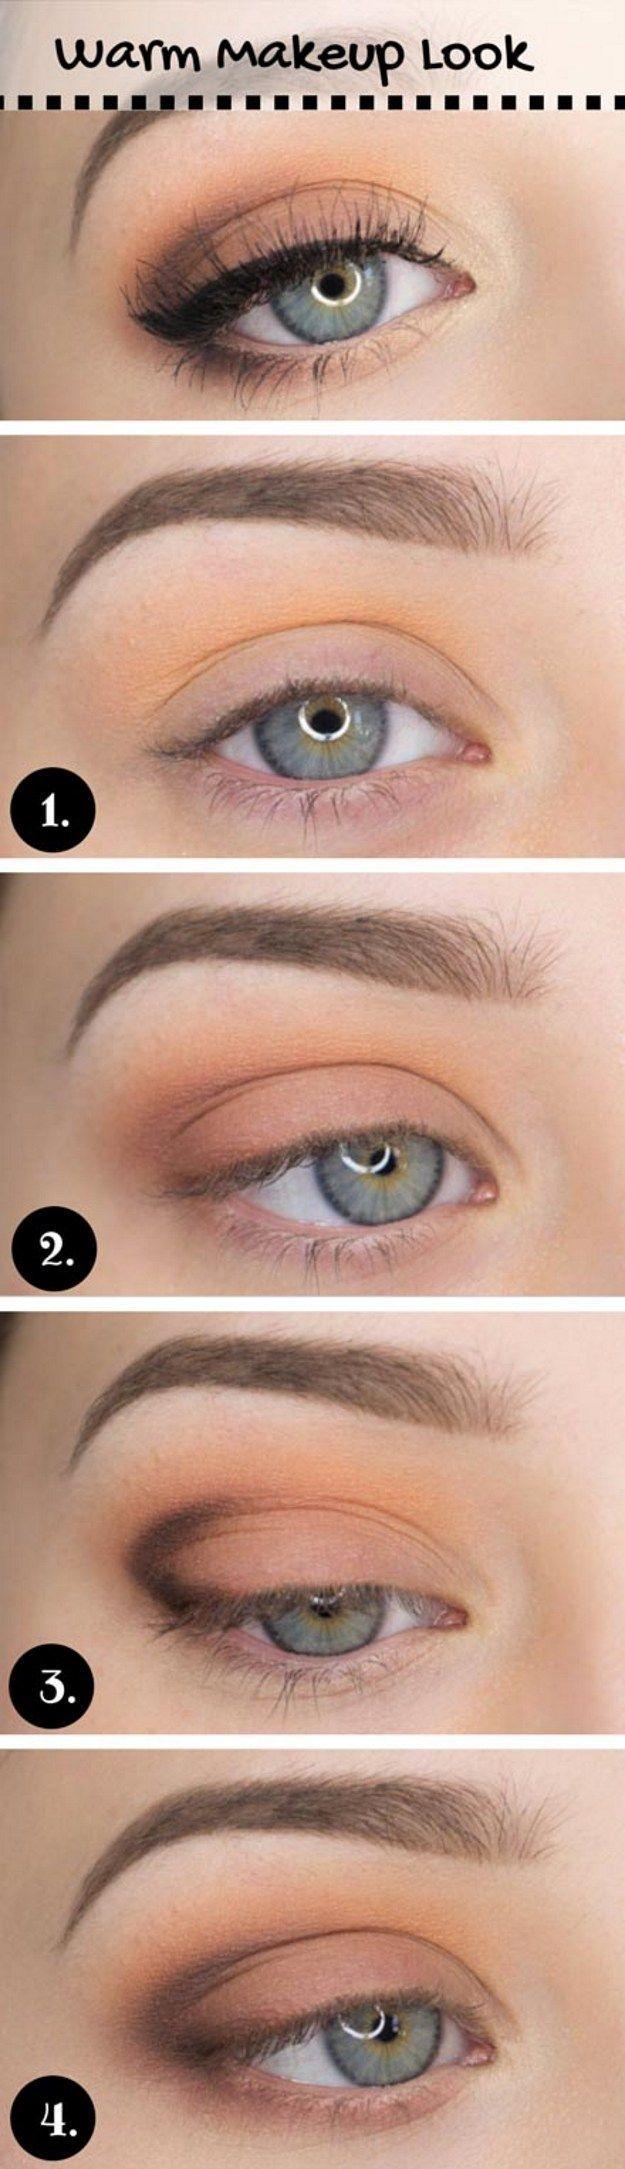 How to Do Casual Makeup Look | Everyday Makeup by Makeup Tutorials at http://www.makeuptutorials.com/makeup-tutorial-12-makeup-for-blue-eyes